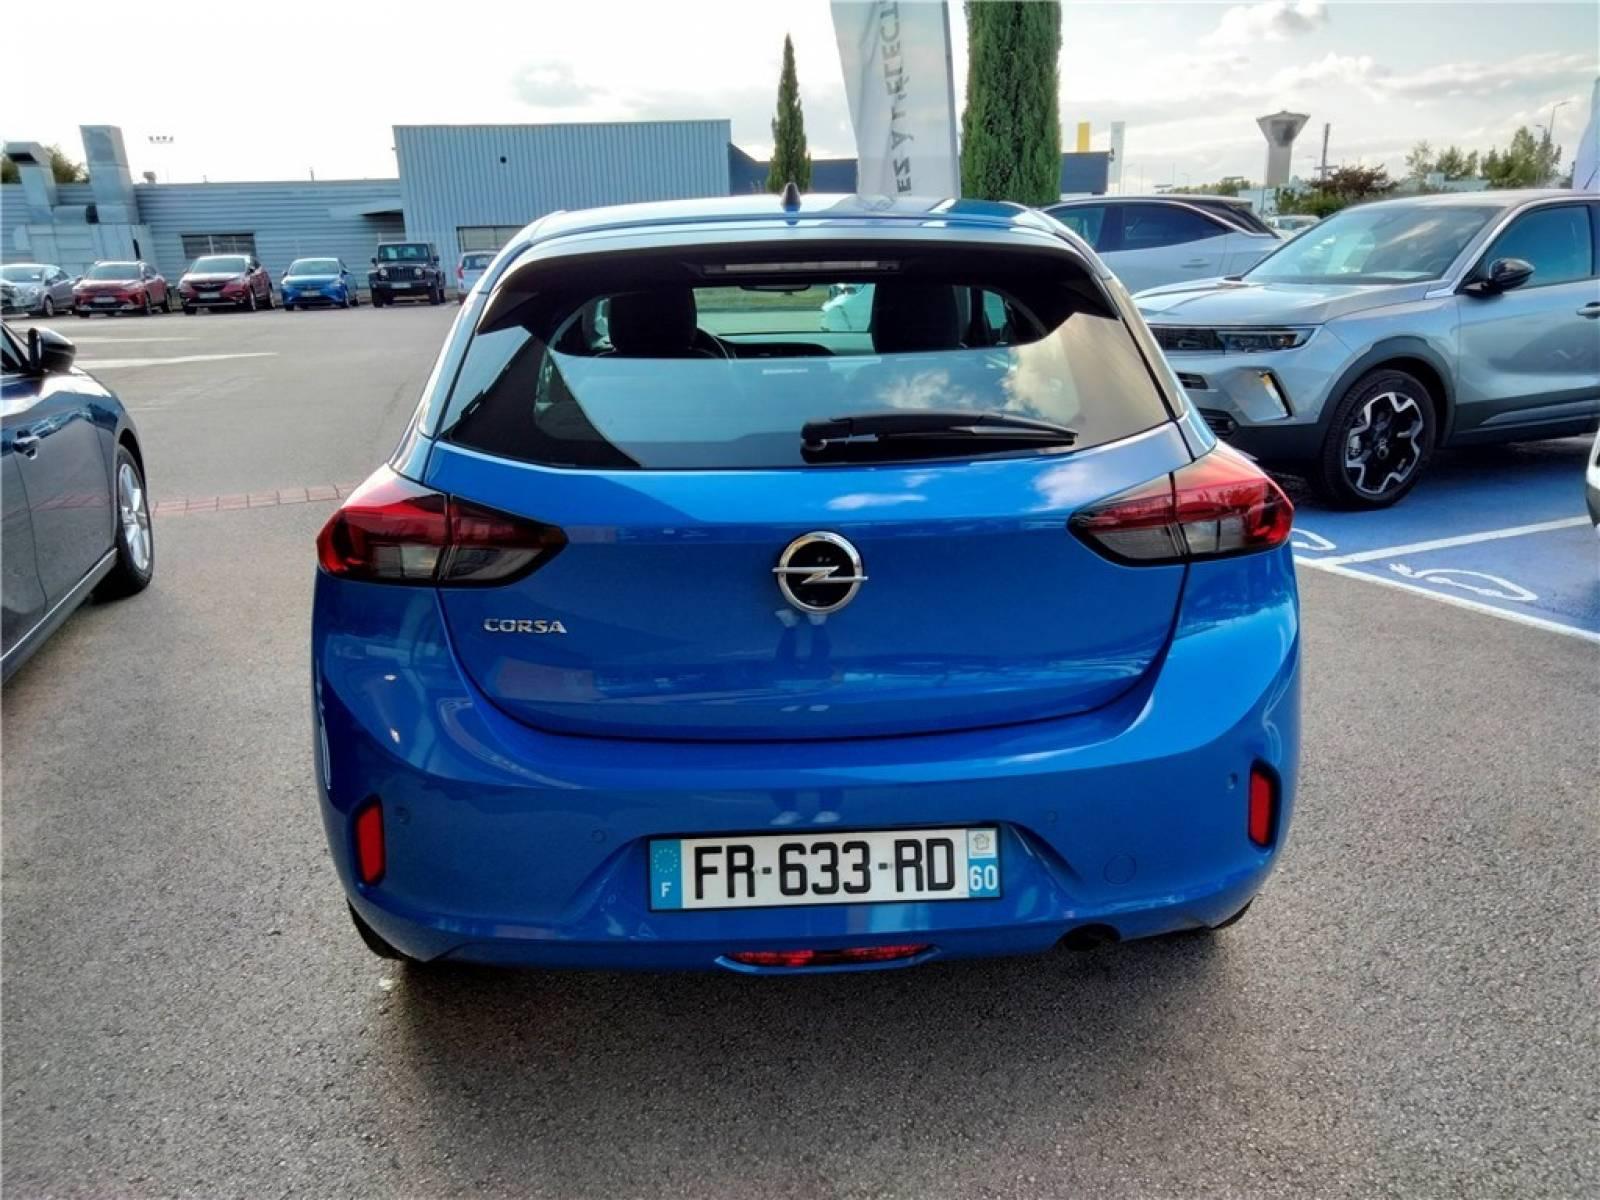 OPEL Corsa 1.2 75 ch BVM5 - véhicule d'occasion - Groupe Guillet - Opel Magicauto - Chalon-sur-Saône - 71380 - Saint-Marcel - 6